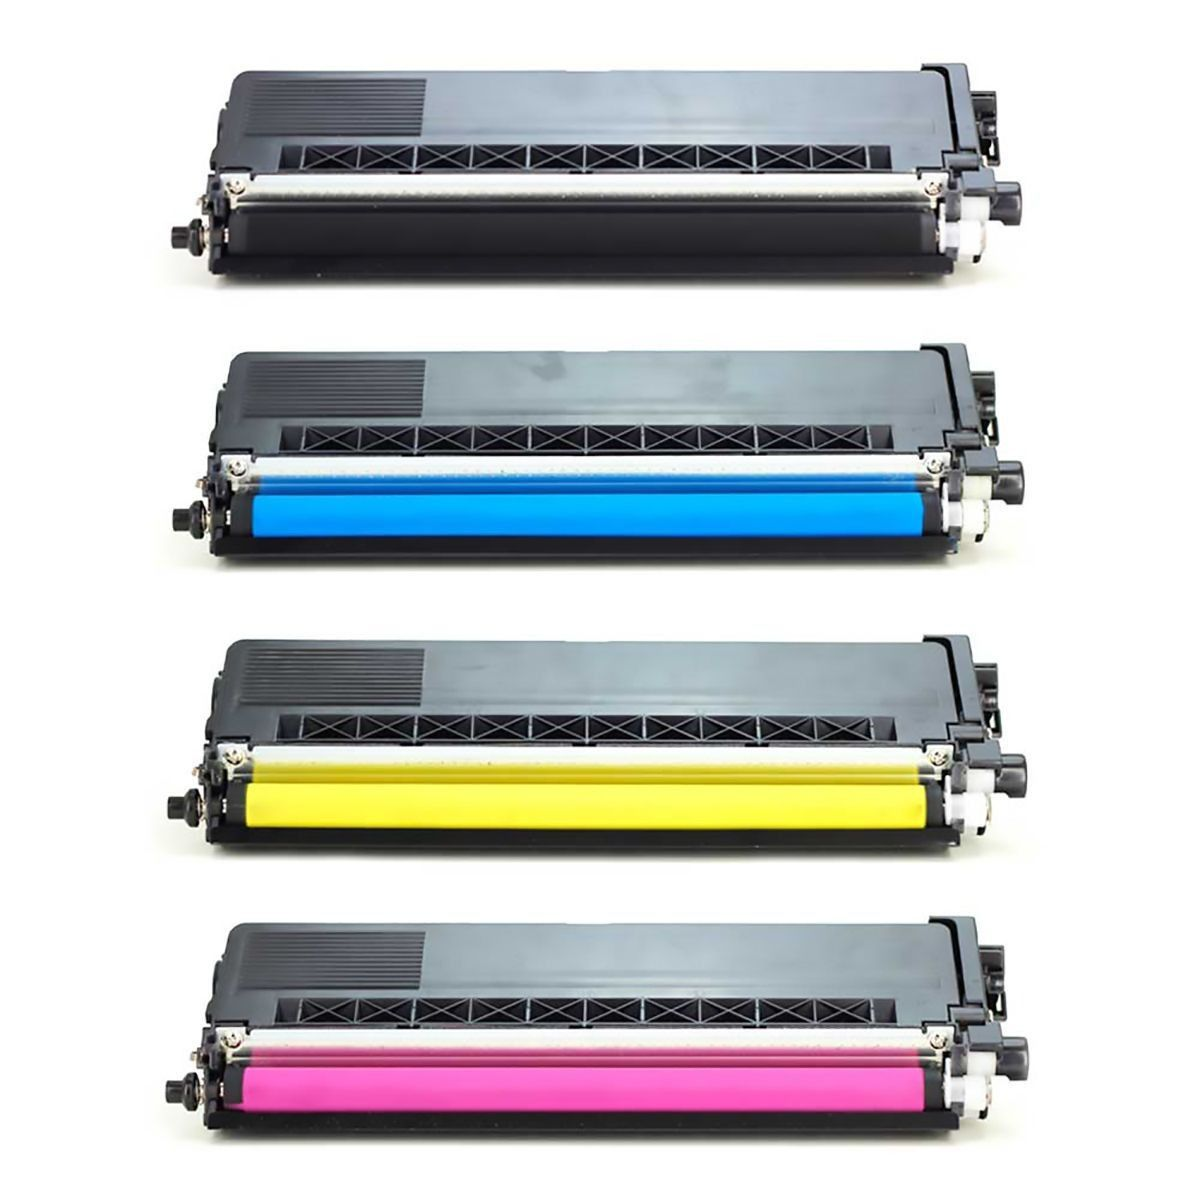 Cartucho de Toner compatível com Brother TN-316M - utilizado nas seguintes impressoras:  DCP-L8400CDN, MFC-L8600CDW, MFC-L8850CDW, HL-L8350CDW - 3.500 Páginas - Cartucho & Cia